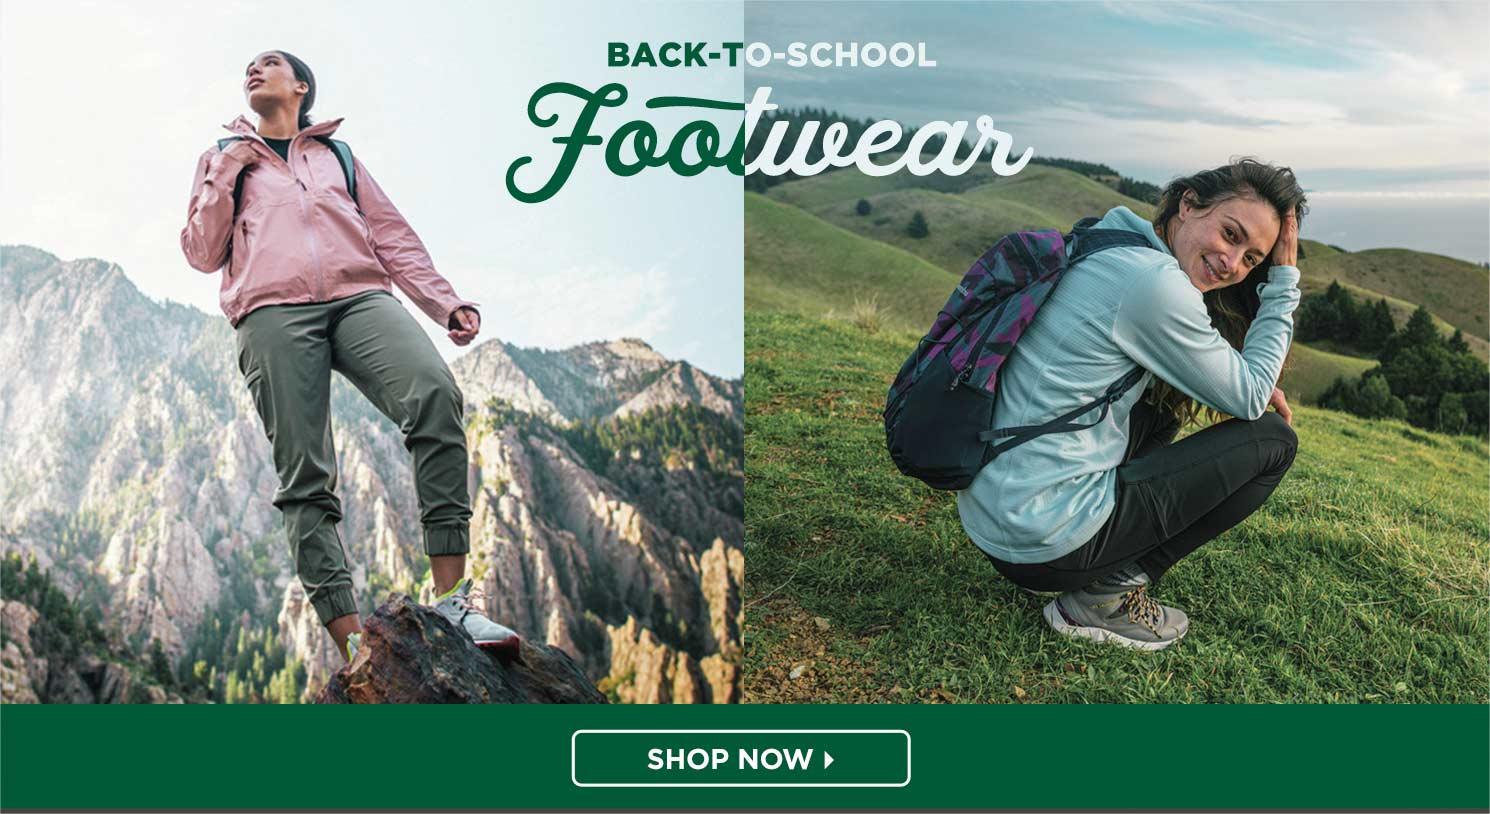 Shop Back to School Footwear